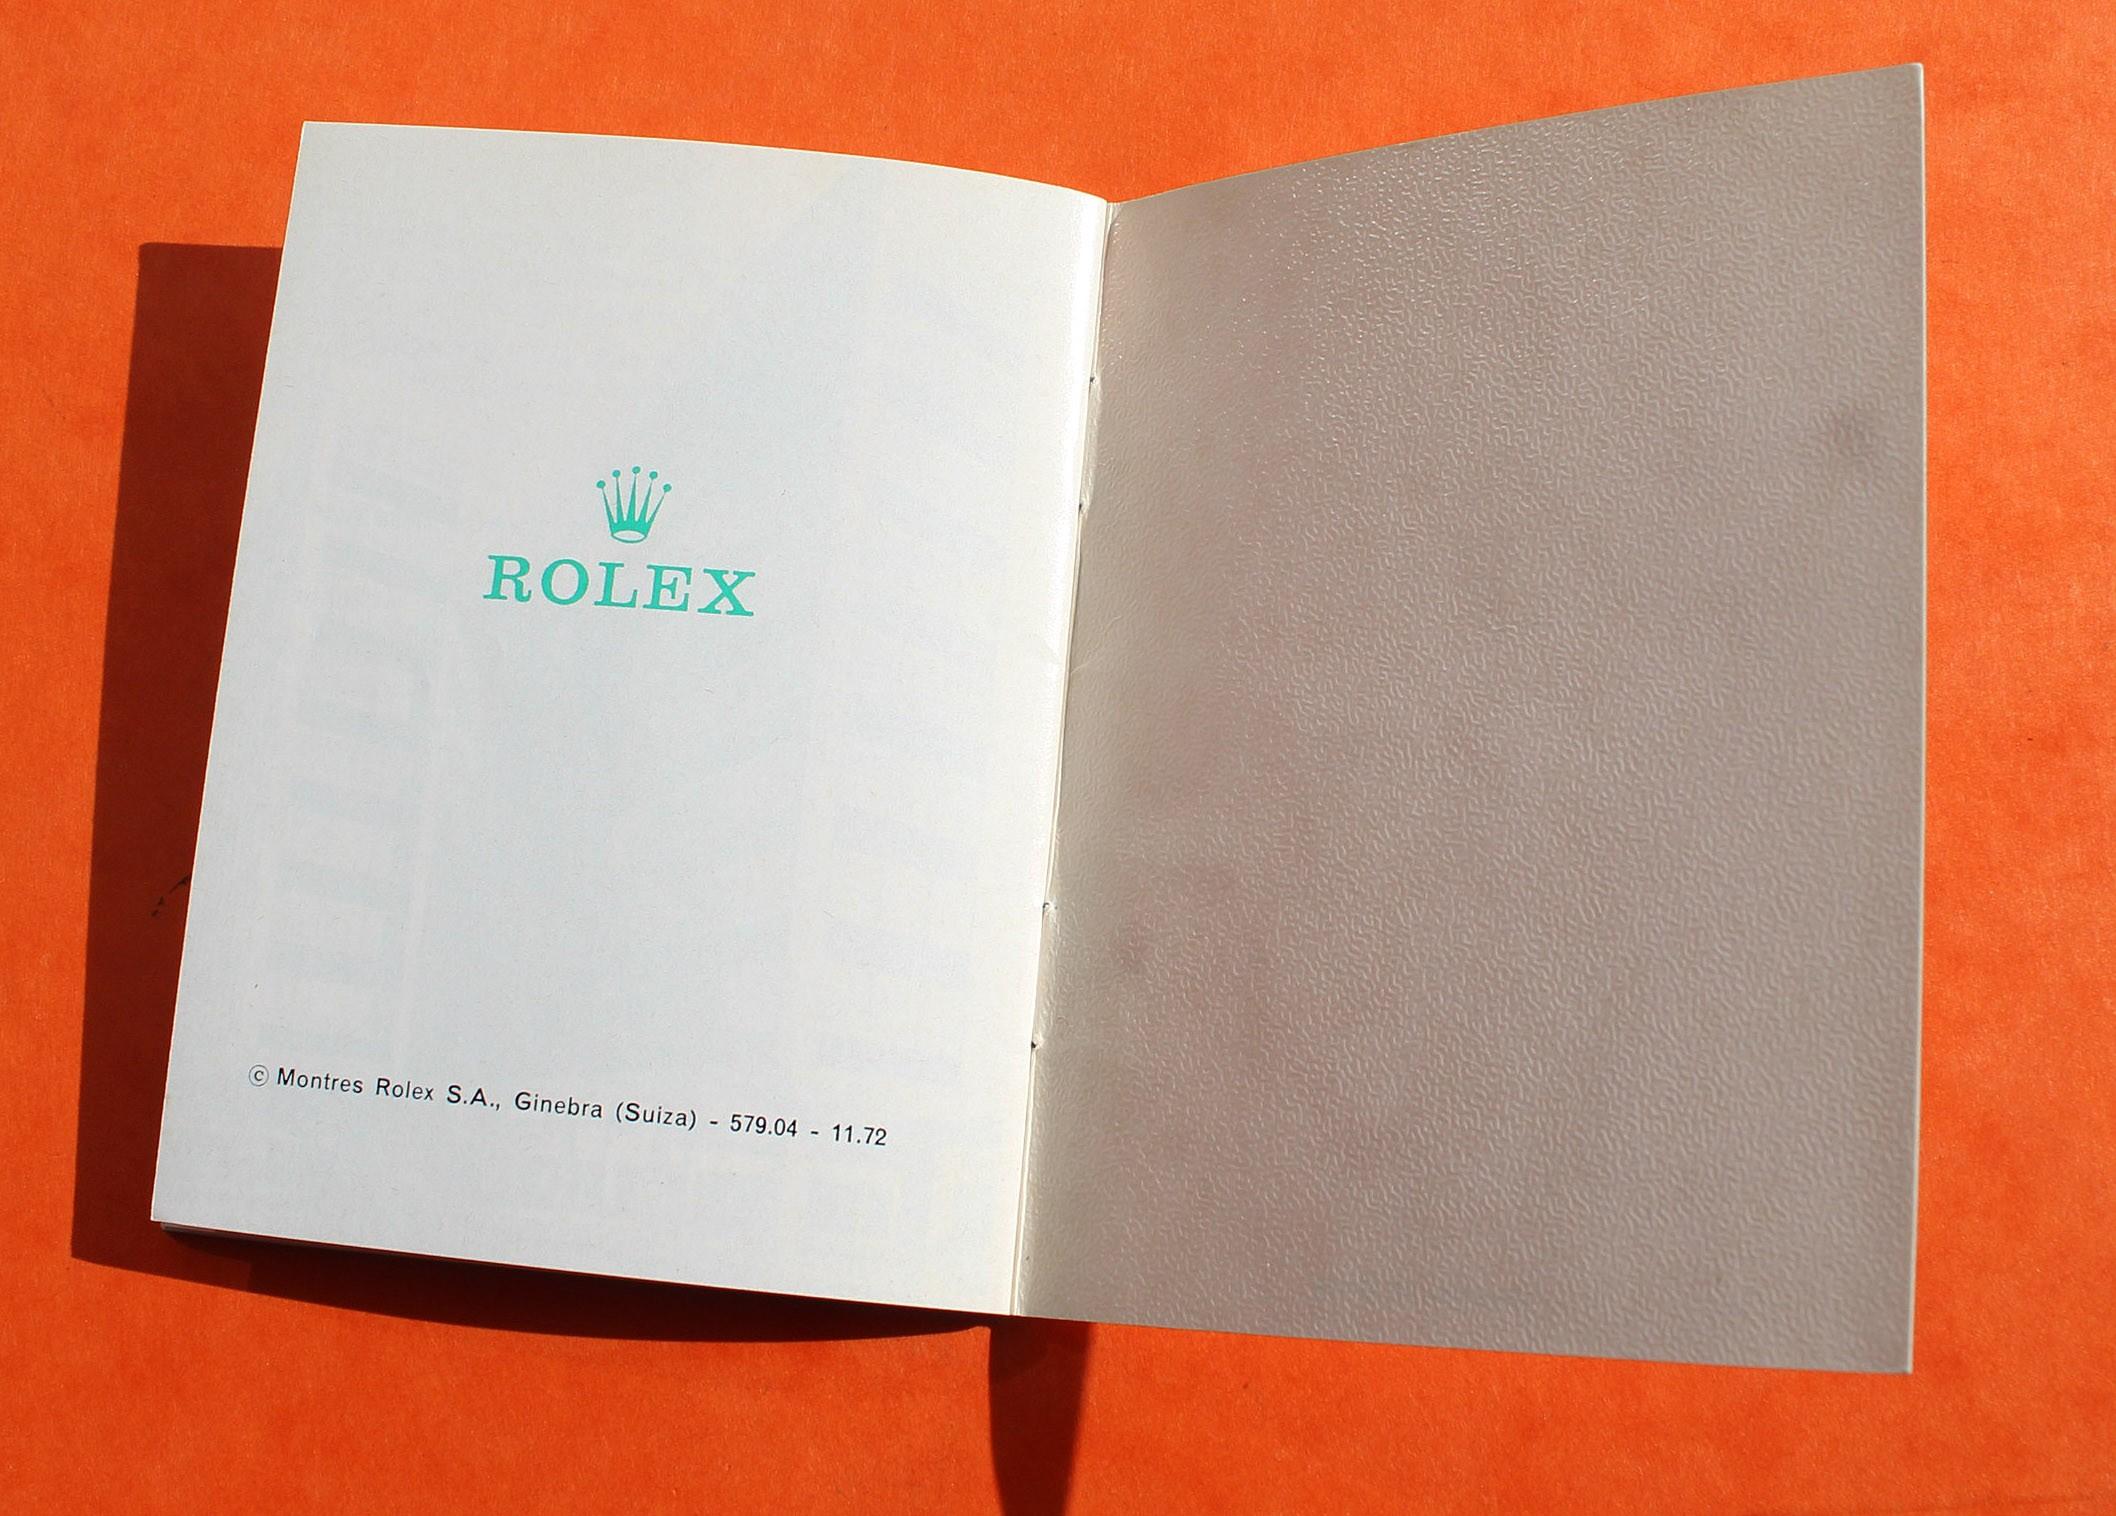 Rolex vintage SU ROLEX 1973 Authentic Submariner watches Booklet 1680 red, Sea-Dweller 1665, DRSD, 5512, 5513 Ref 579.04 -11.72